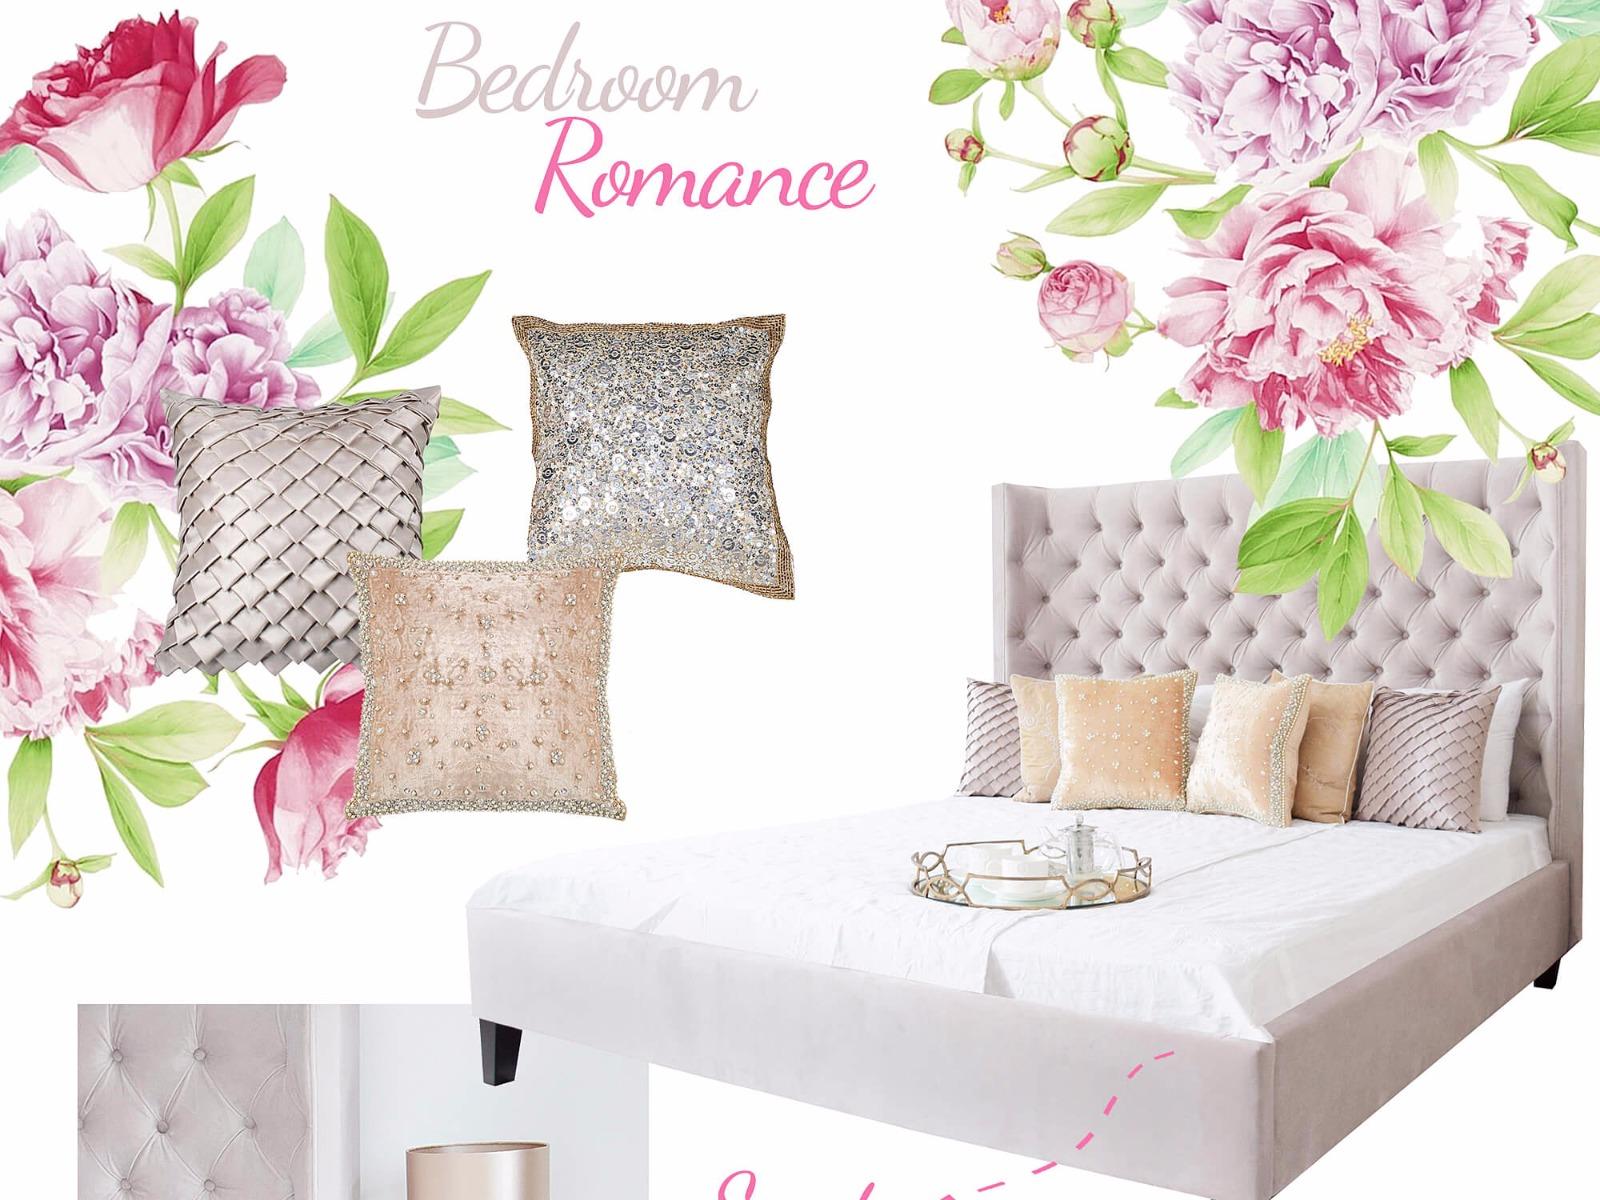 bedroom romance looks. Black Bedroom Furniture Sets. Home Design Ideas